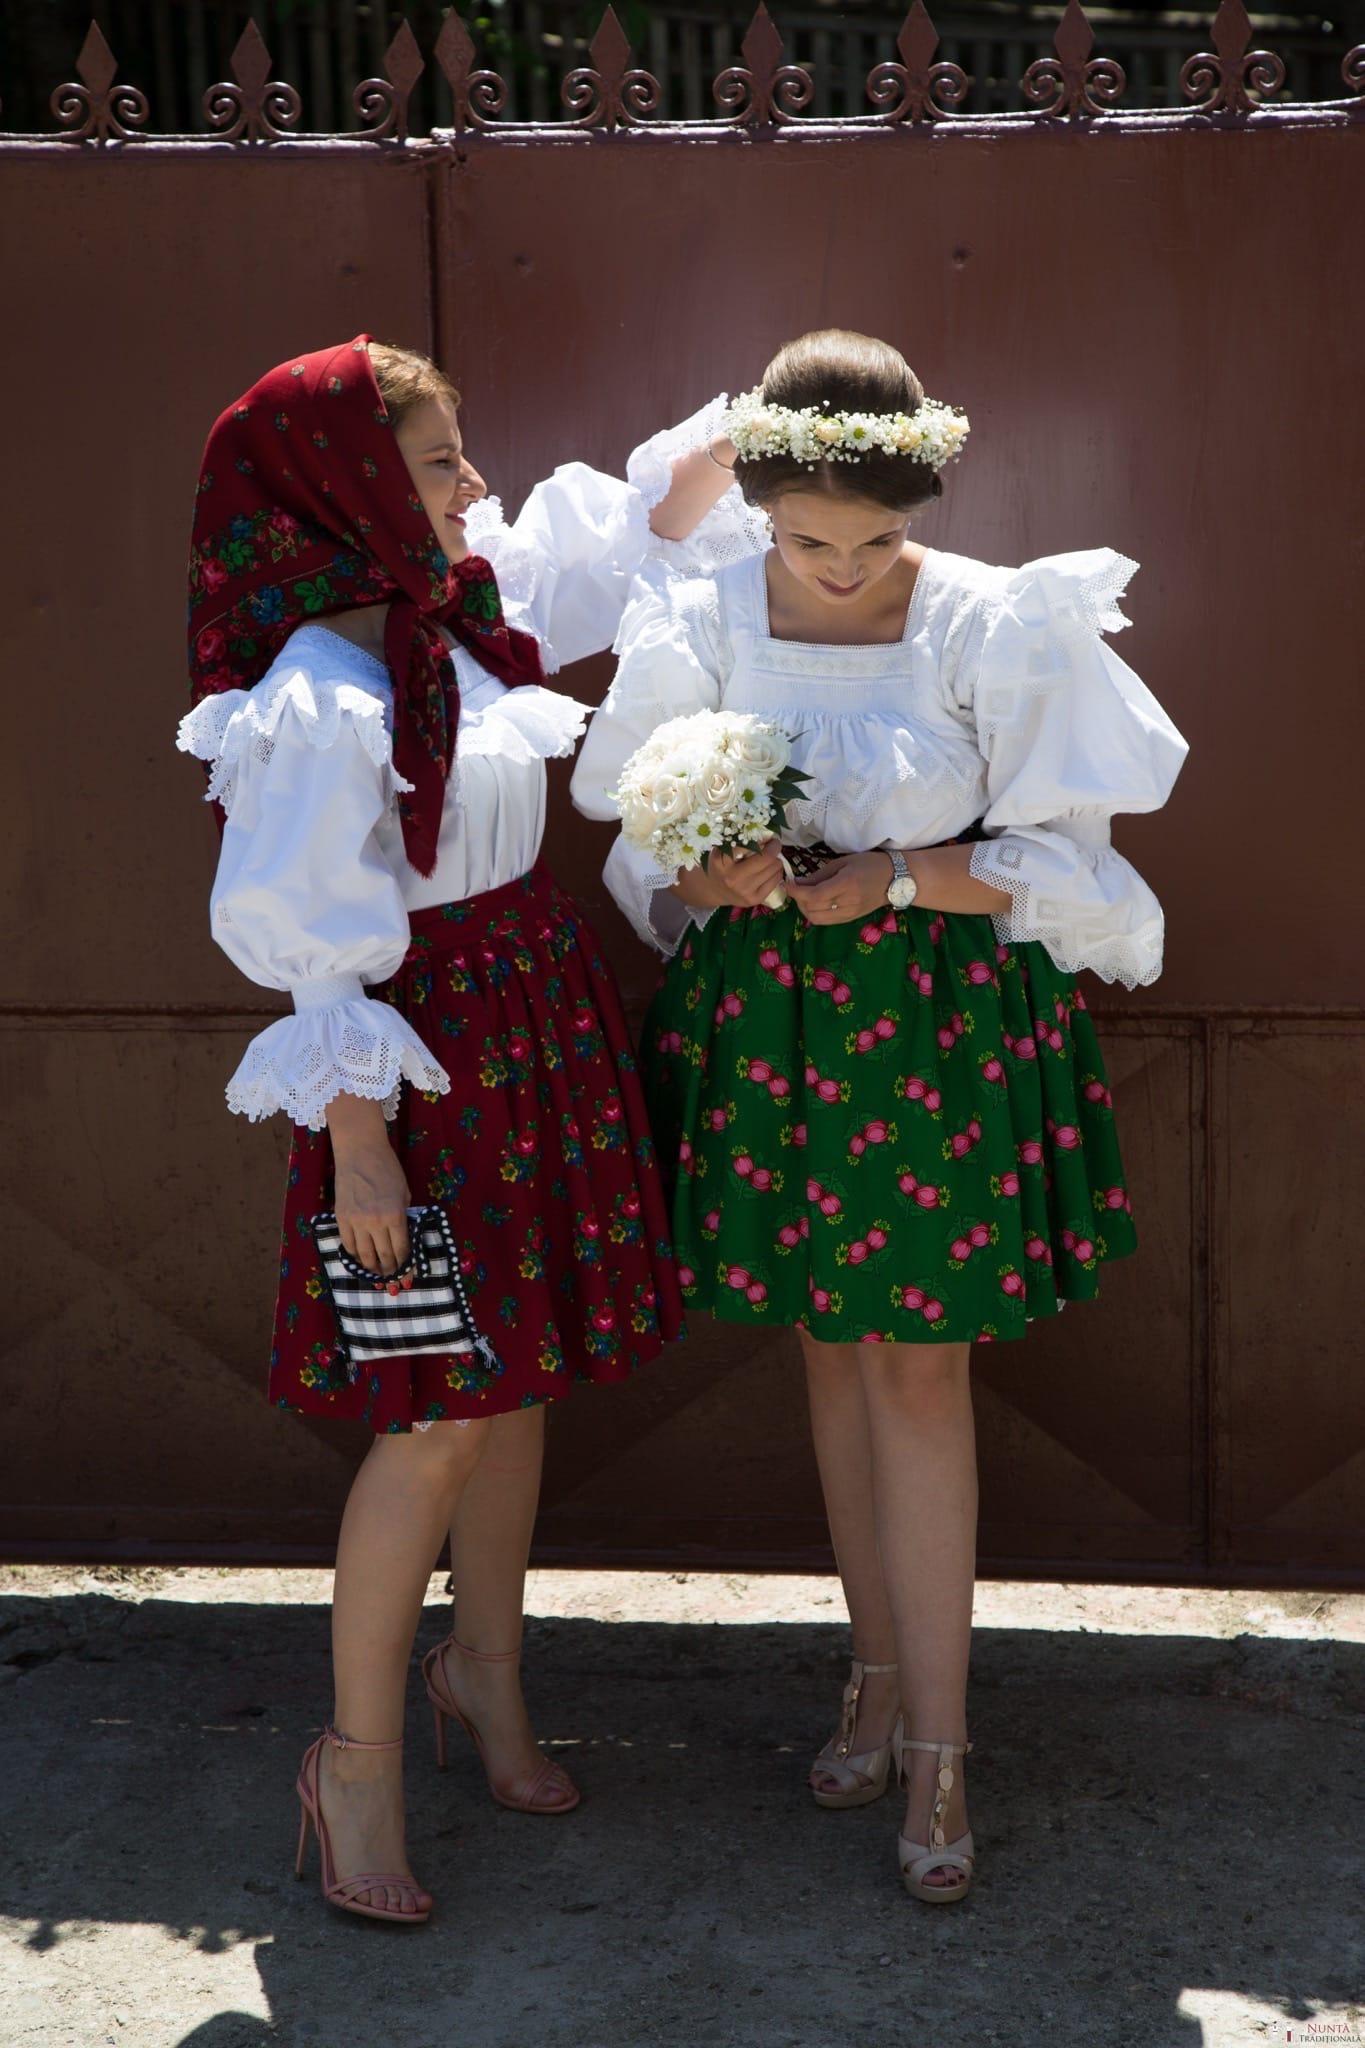 Povești Nunți Tradiționale - Ancuța și Nicu, cununie tradițională în Giulești, Maramureș 7